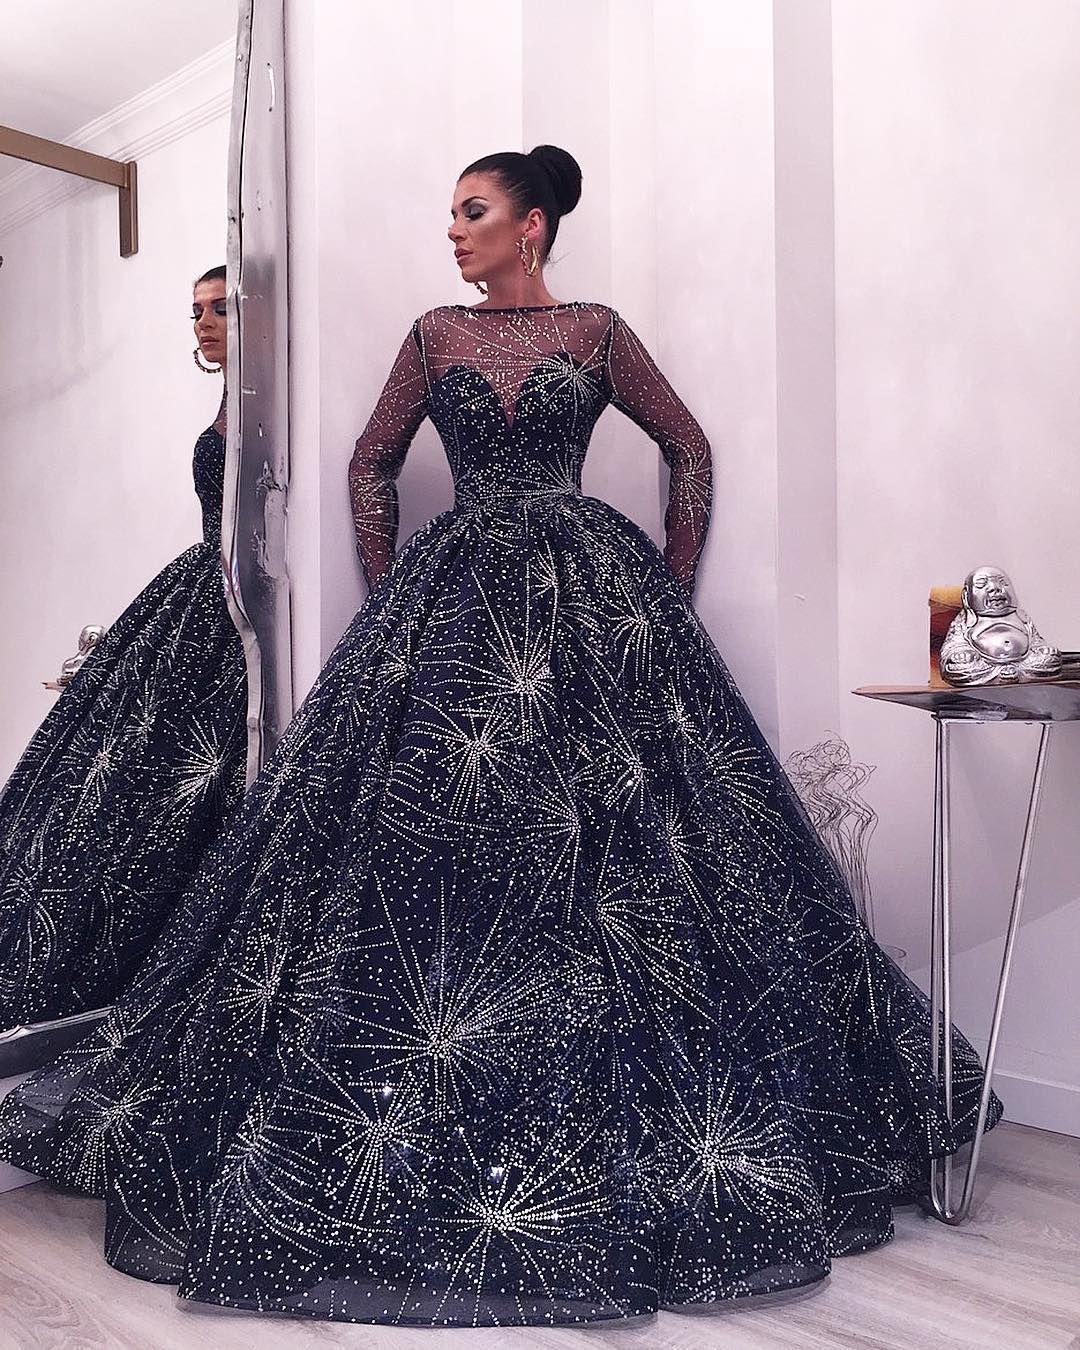 Großhandel Schöne Starry Gown Abendkleider Mode Bateau Neck Langarm  Flauschigen Abendkleid Luxus Dubai Saudi Arabien Promi Roter Teppich Kleid  Von